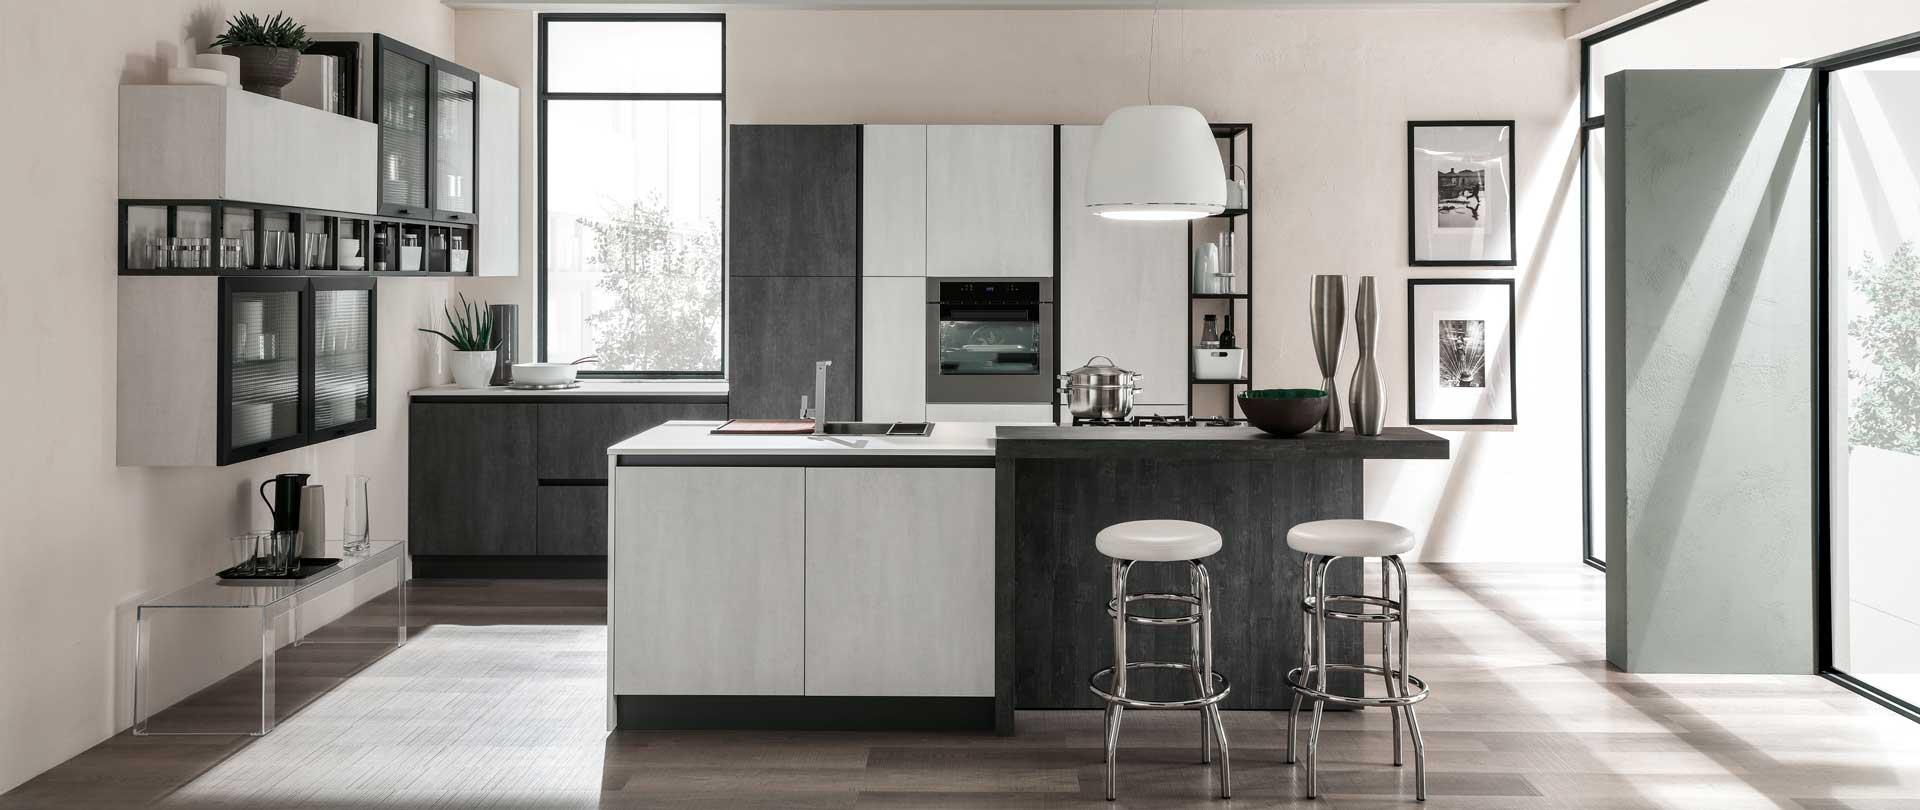 cucina-moderna-zen-perla-cemento-lavagna-cemento